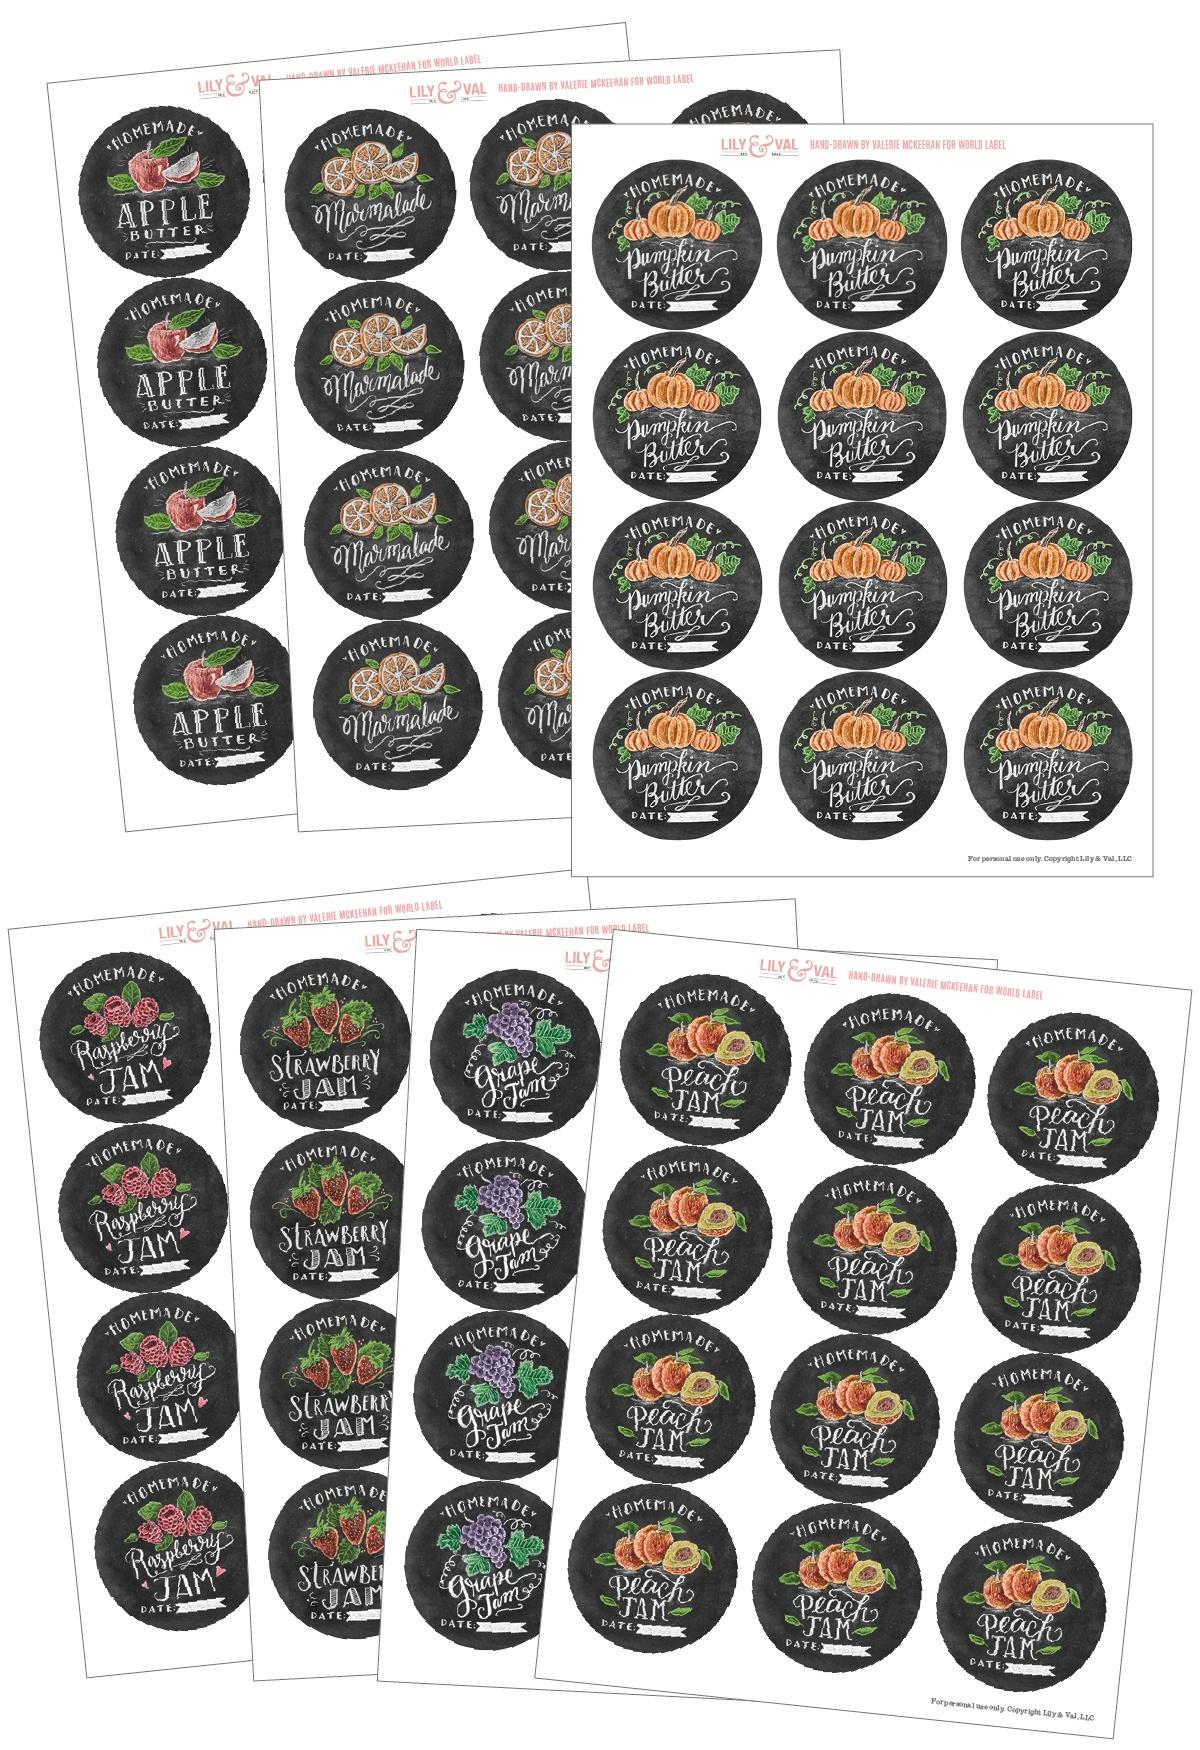 Chalk Art Jam Labels Hand-Drawnvalerie Mckeehan | Free Printable - Free Printable Jam Labels